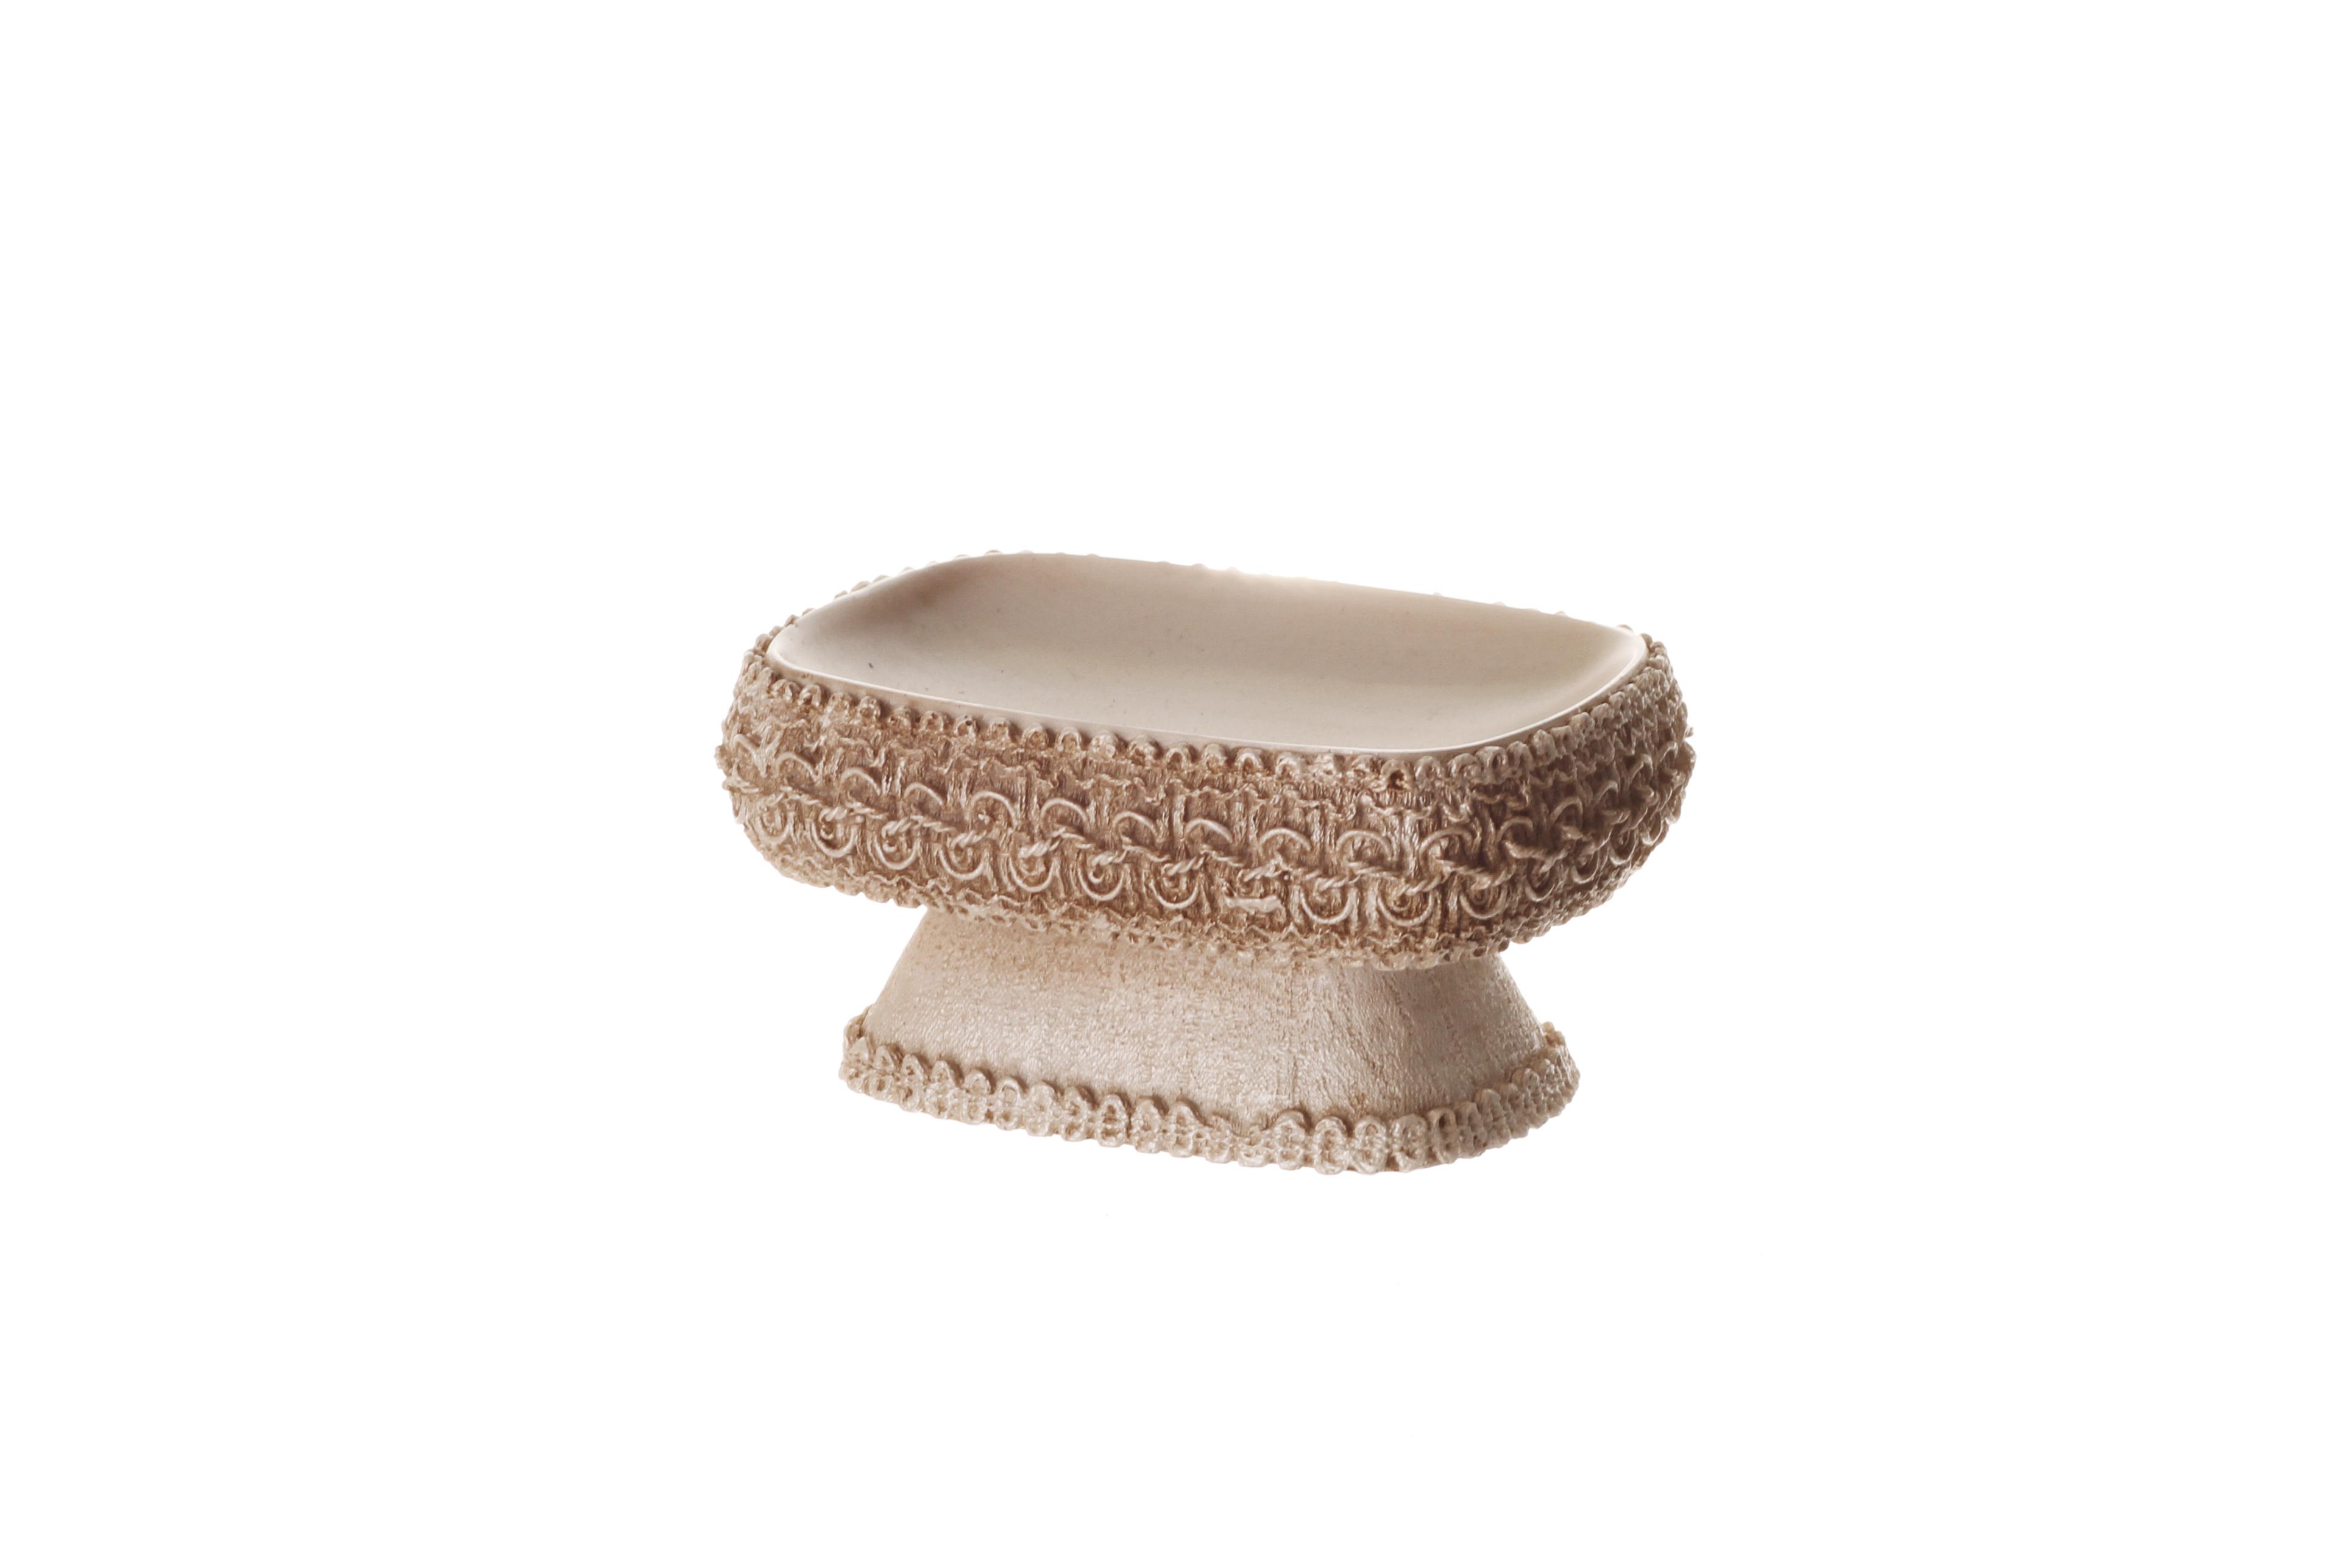 סט כלי אמבטיה שיק שמנת